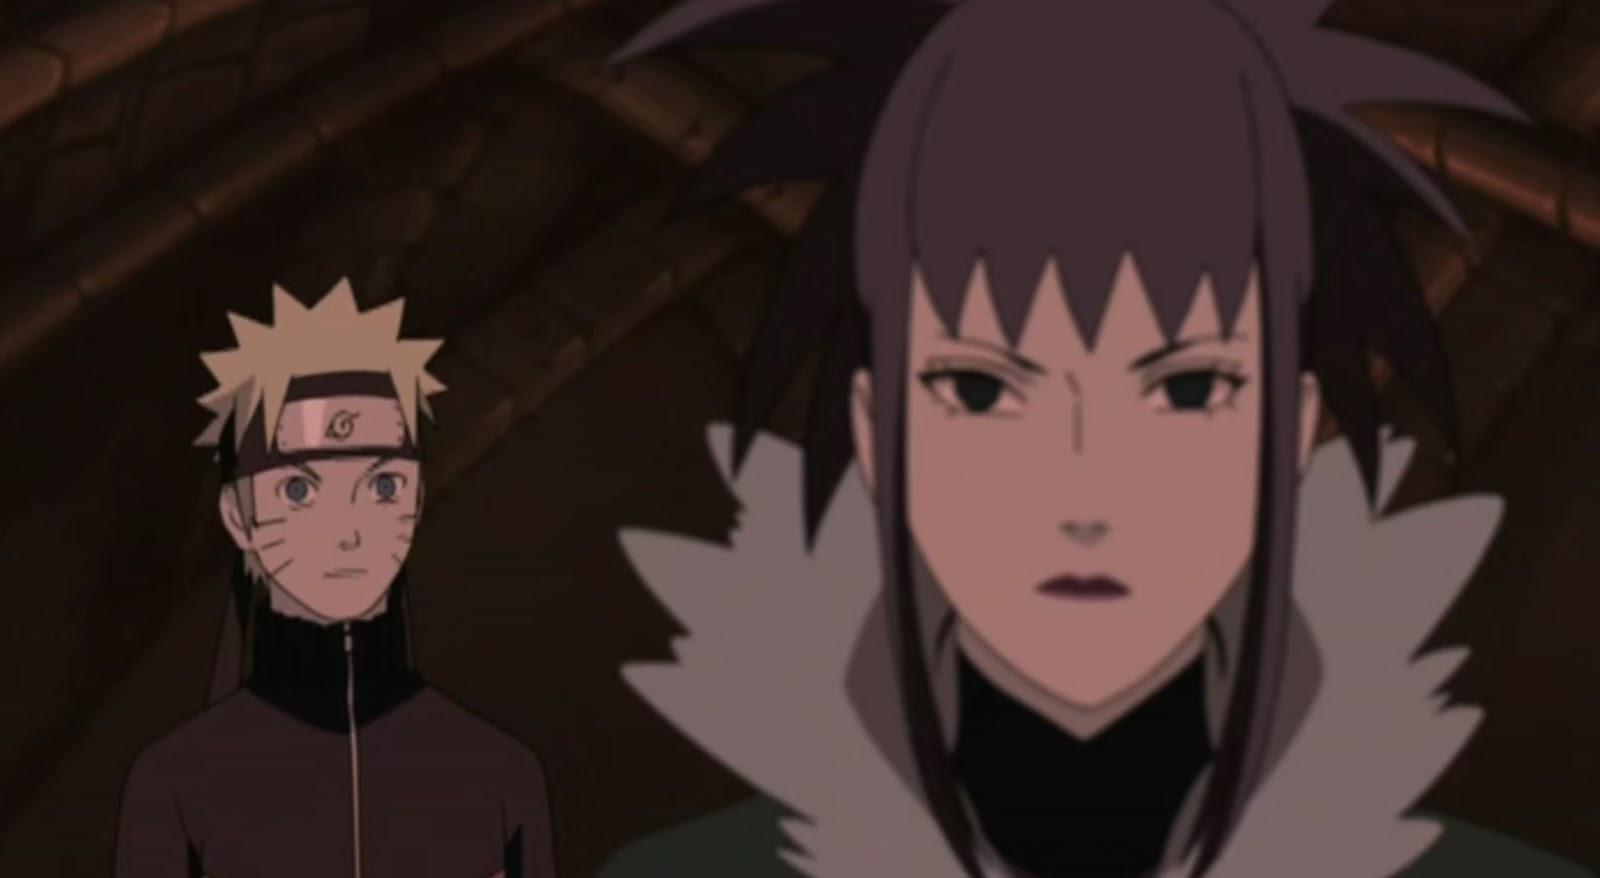 Naruto Shippuden Episódio 108, Naruto Shippuden Episódio 108, Assistir Naruto Shippuden Todos os Episódios Legendado, Naruto Shippuden episódio 108,HD